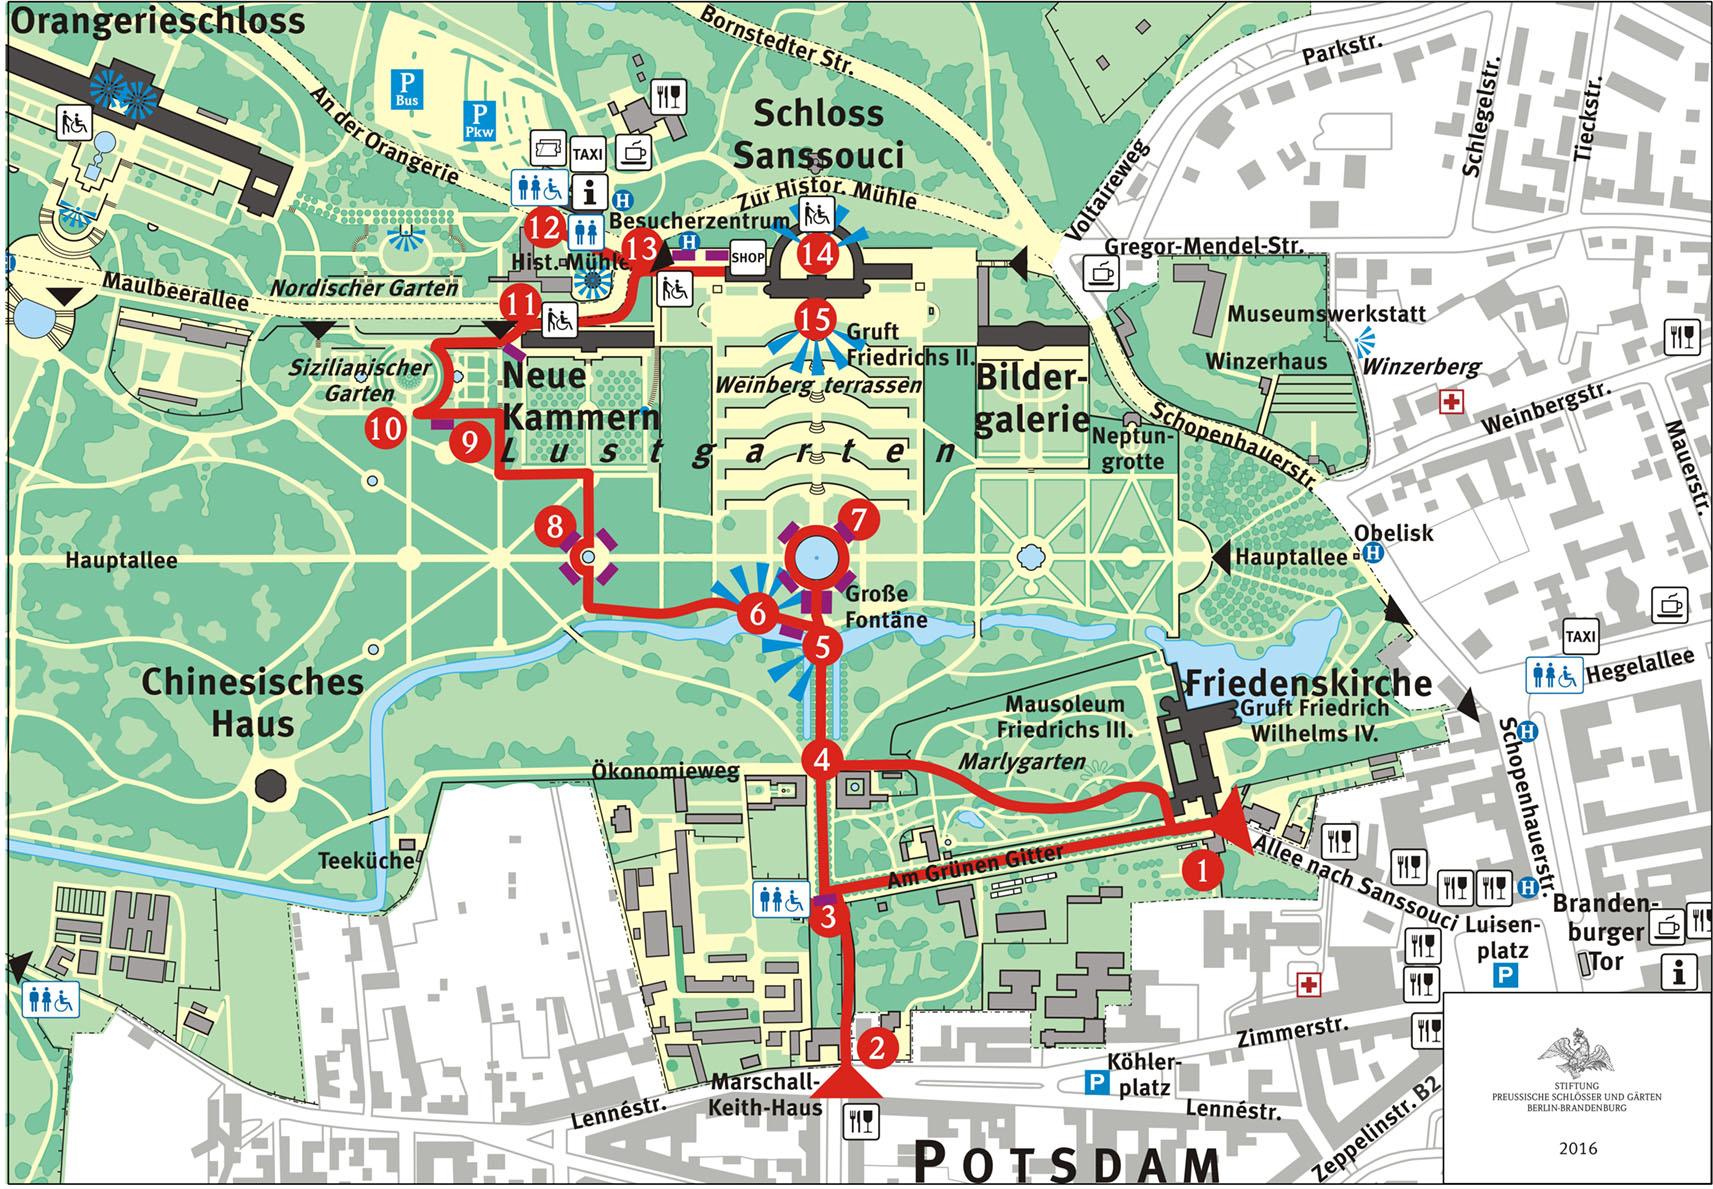 Schlosser Garten Angebote Fur Besucher Mit Handicap Barrierefreiheit Park Sanssouci Stiftung Preussische Schlosser Und Garten